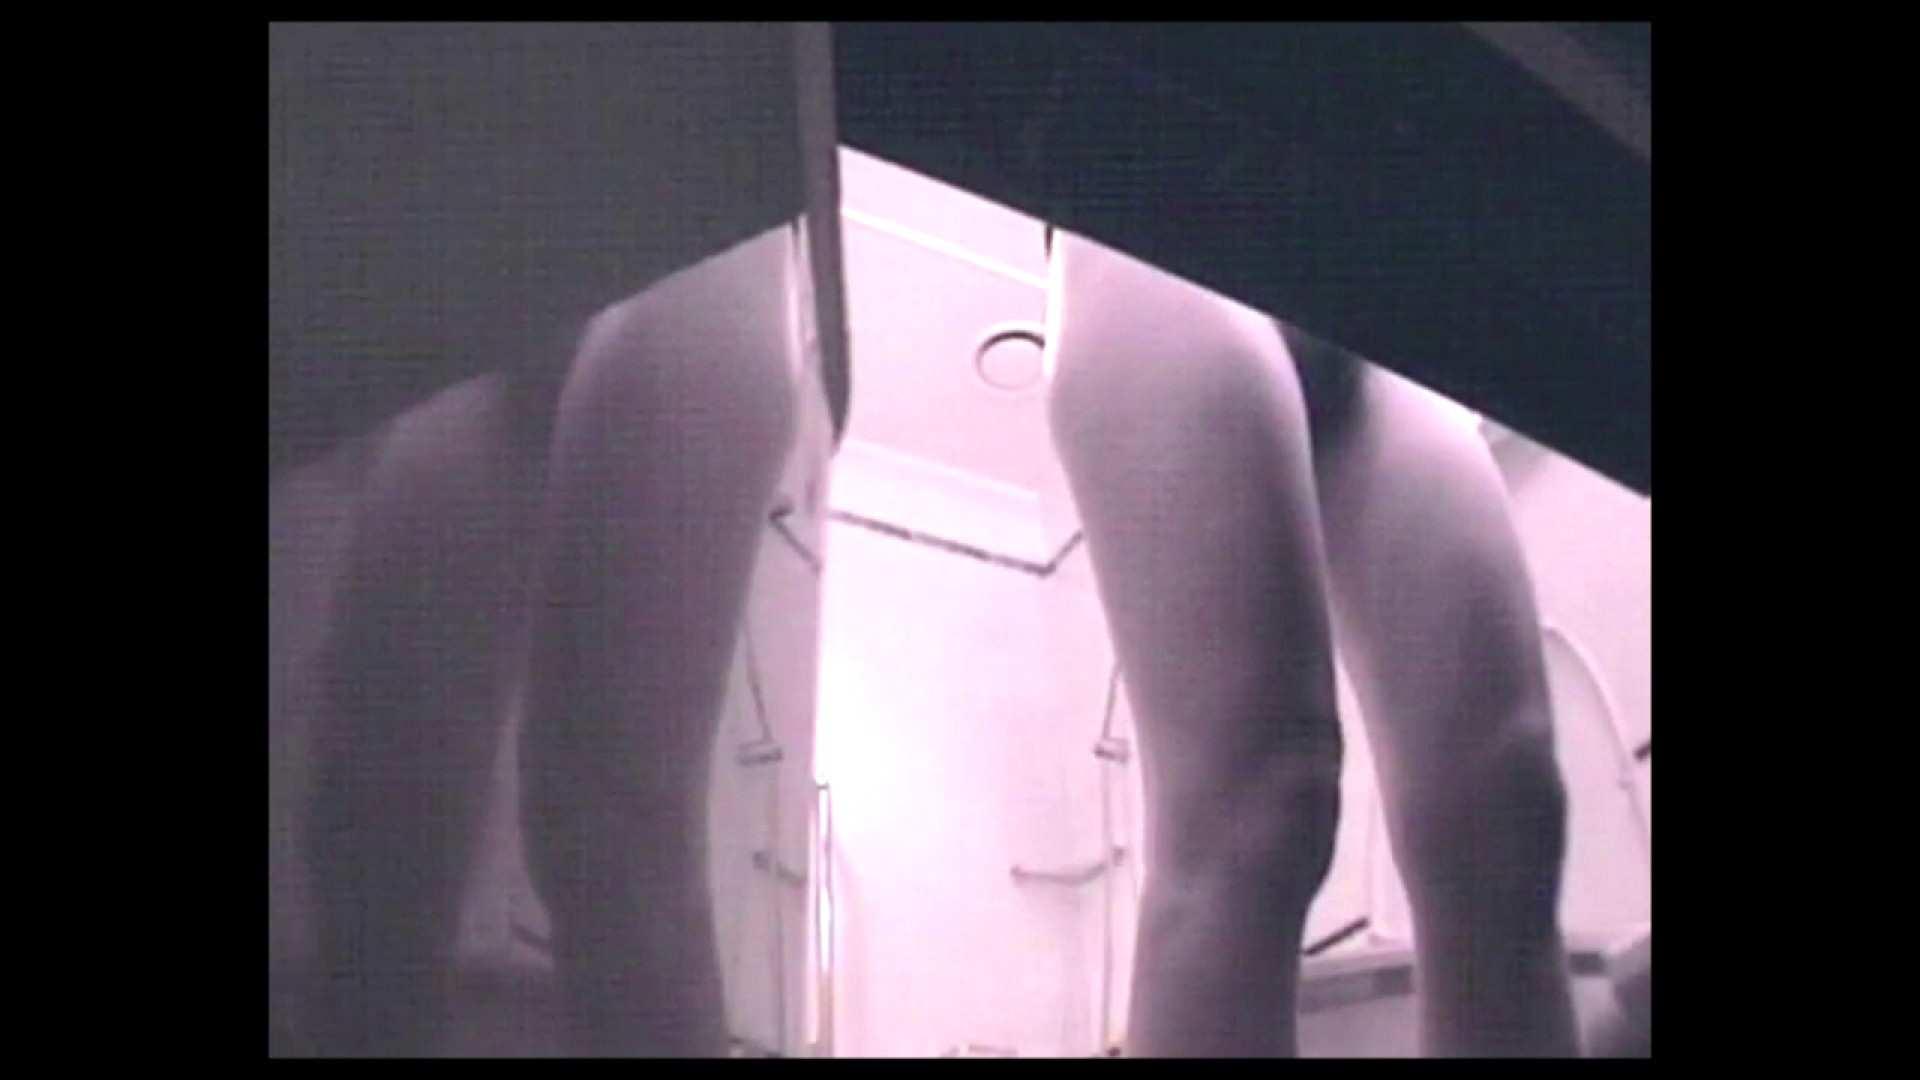 【限定】 闇の花道 Vol.19 影対某芸能関係者 OL女体 | 期間限定  60連発 15